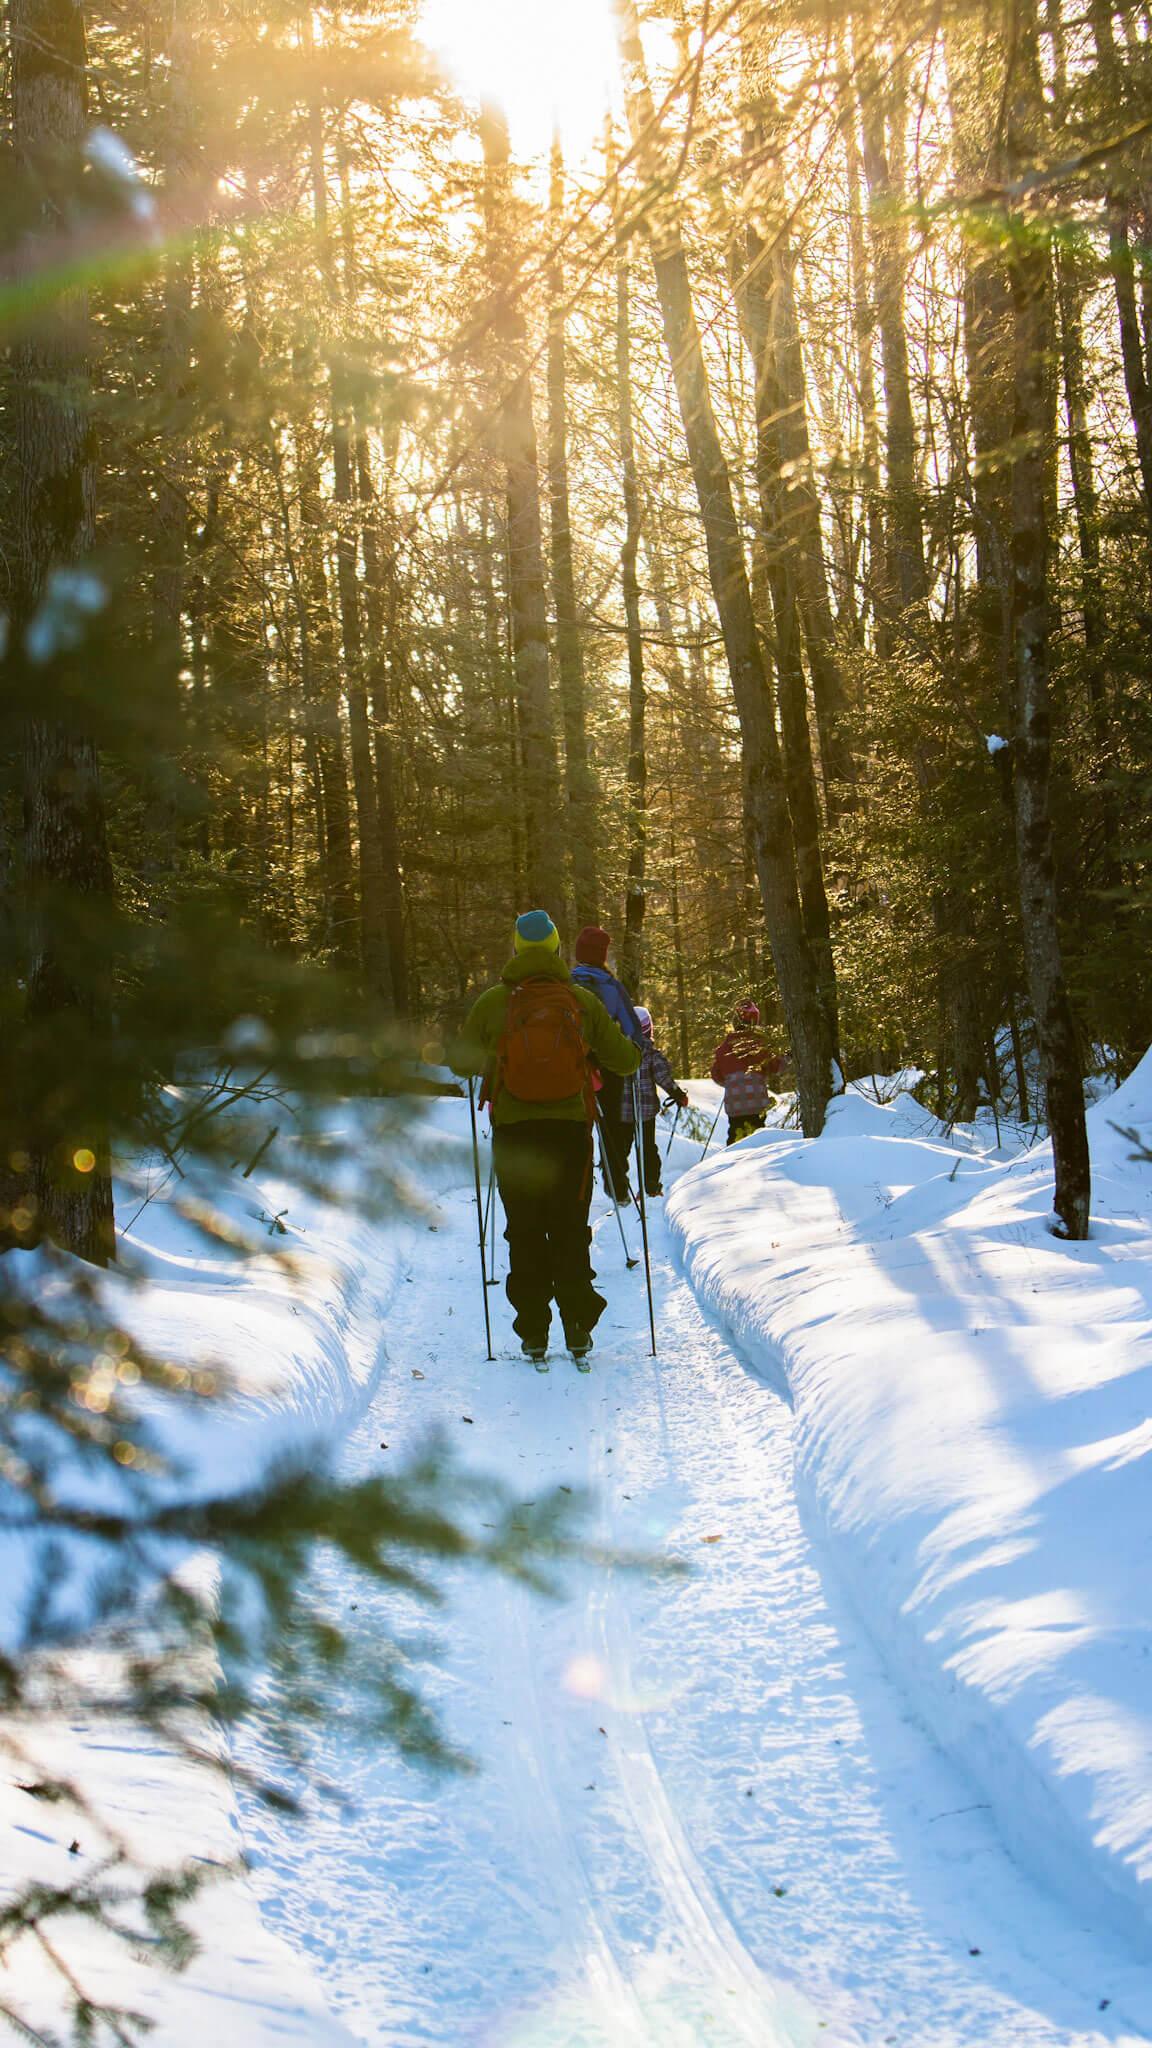 Le ski de fond à Saint-Colomban? Un secret bien gardé, mais trop souvent malmené…